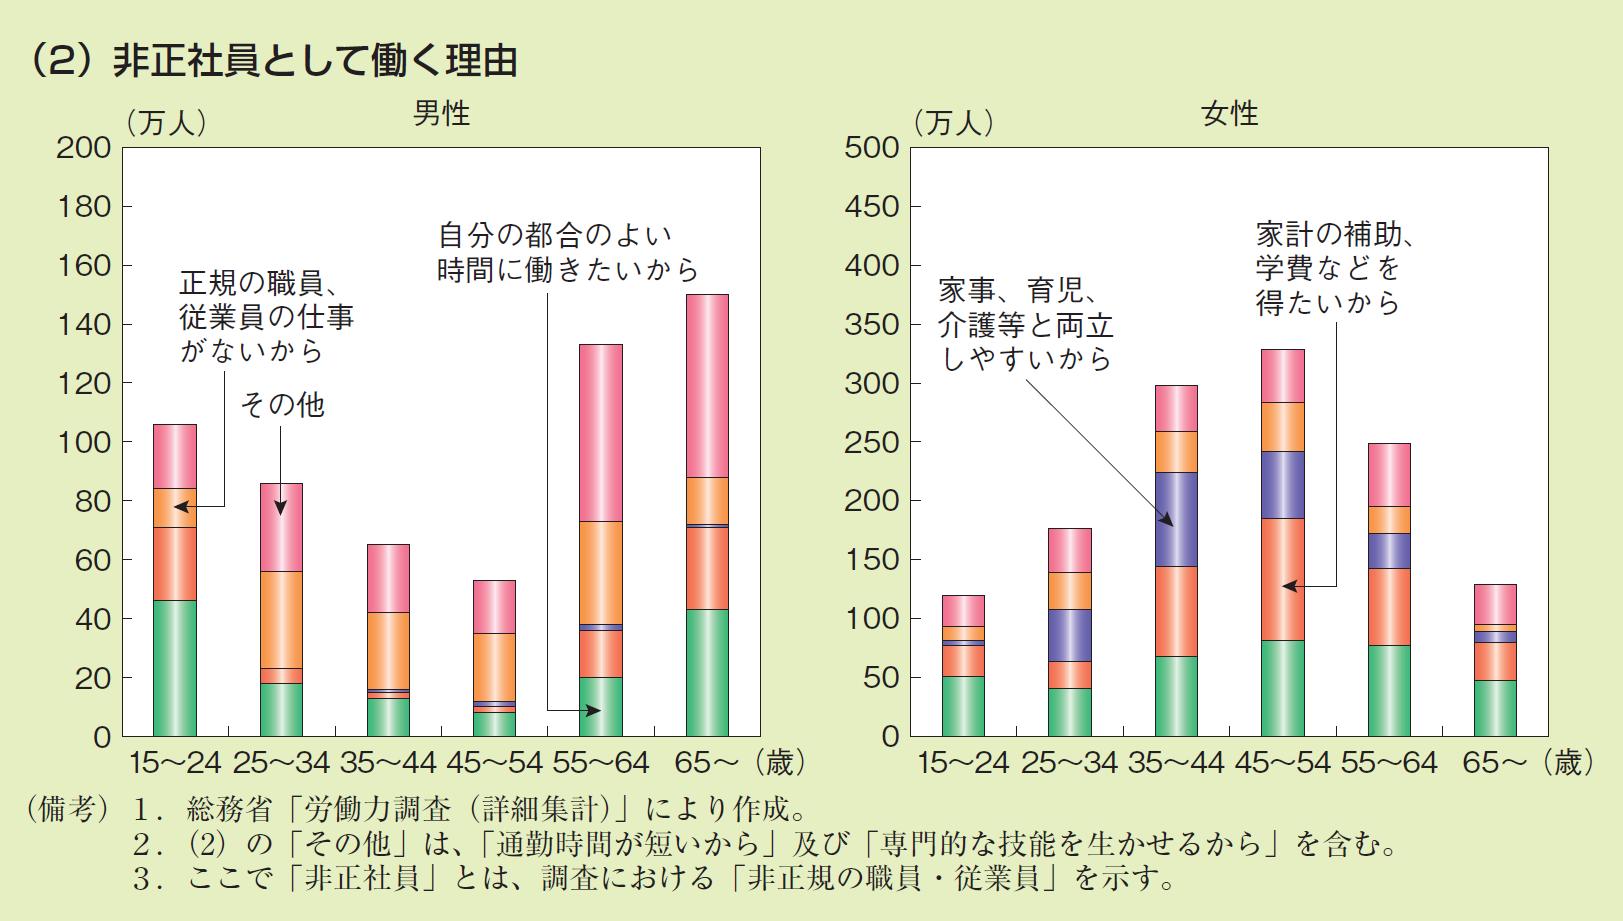 日本・アメリカ・ドイツの非製造業における資本装備率の動向